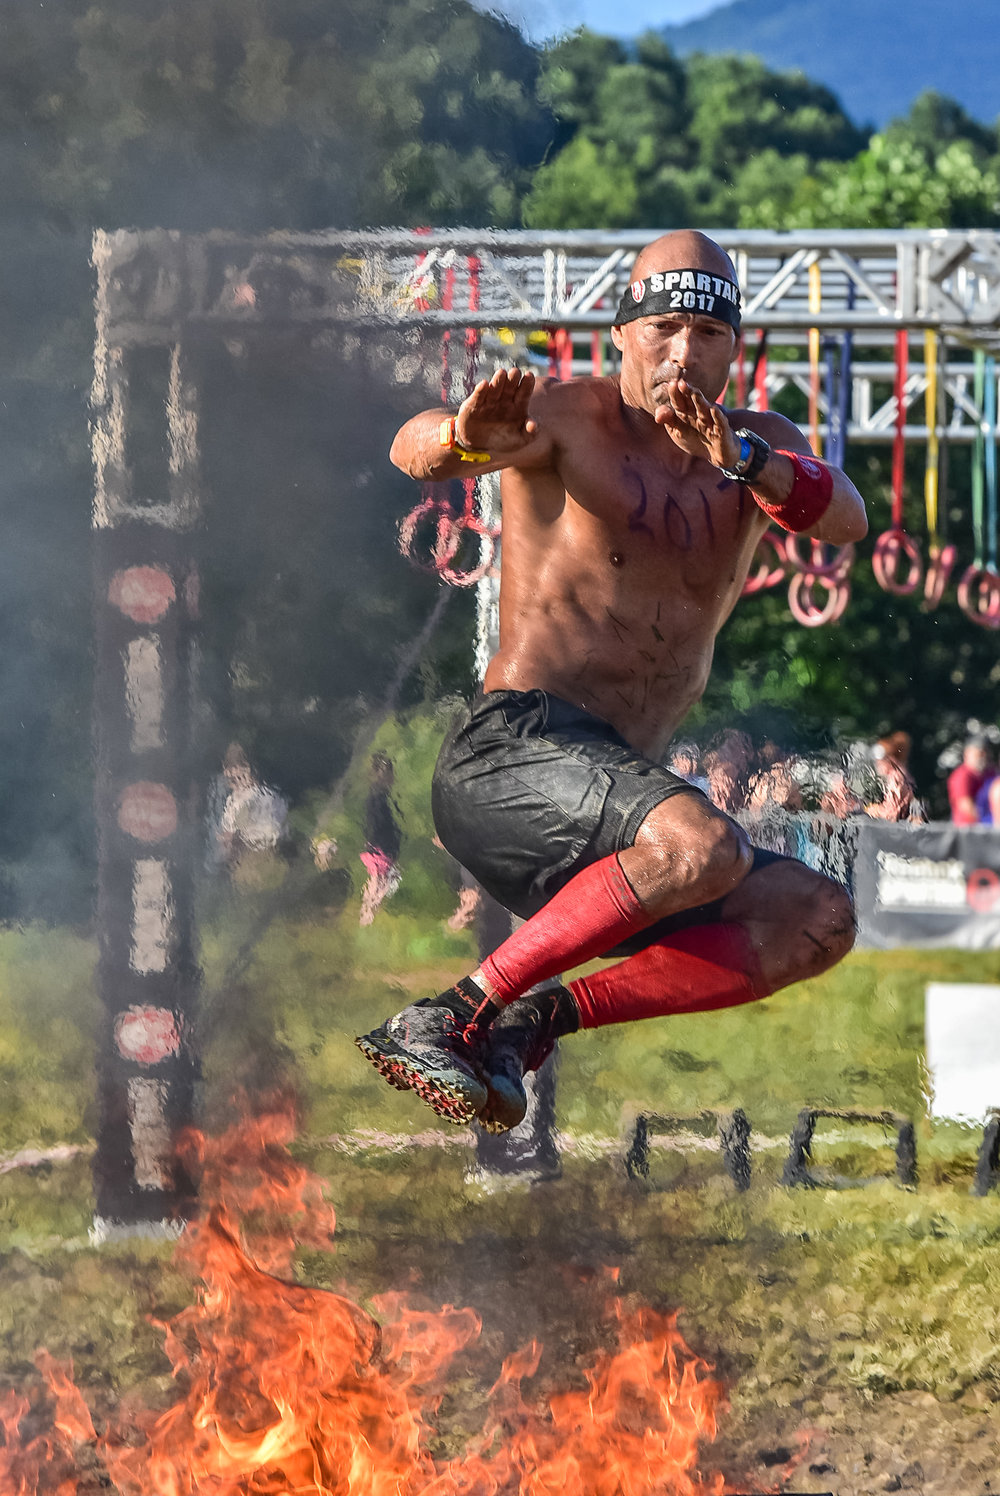 Spartan Asheville Fire Jump 2017 1